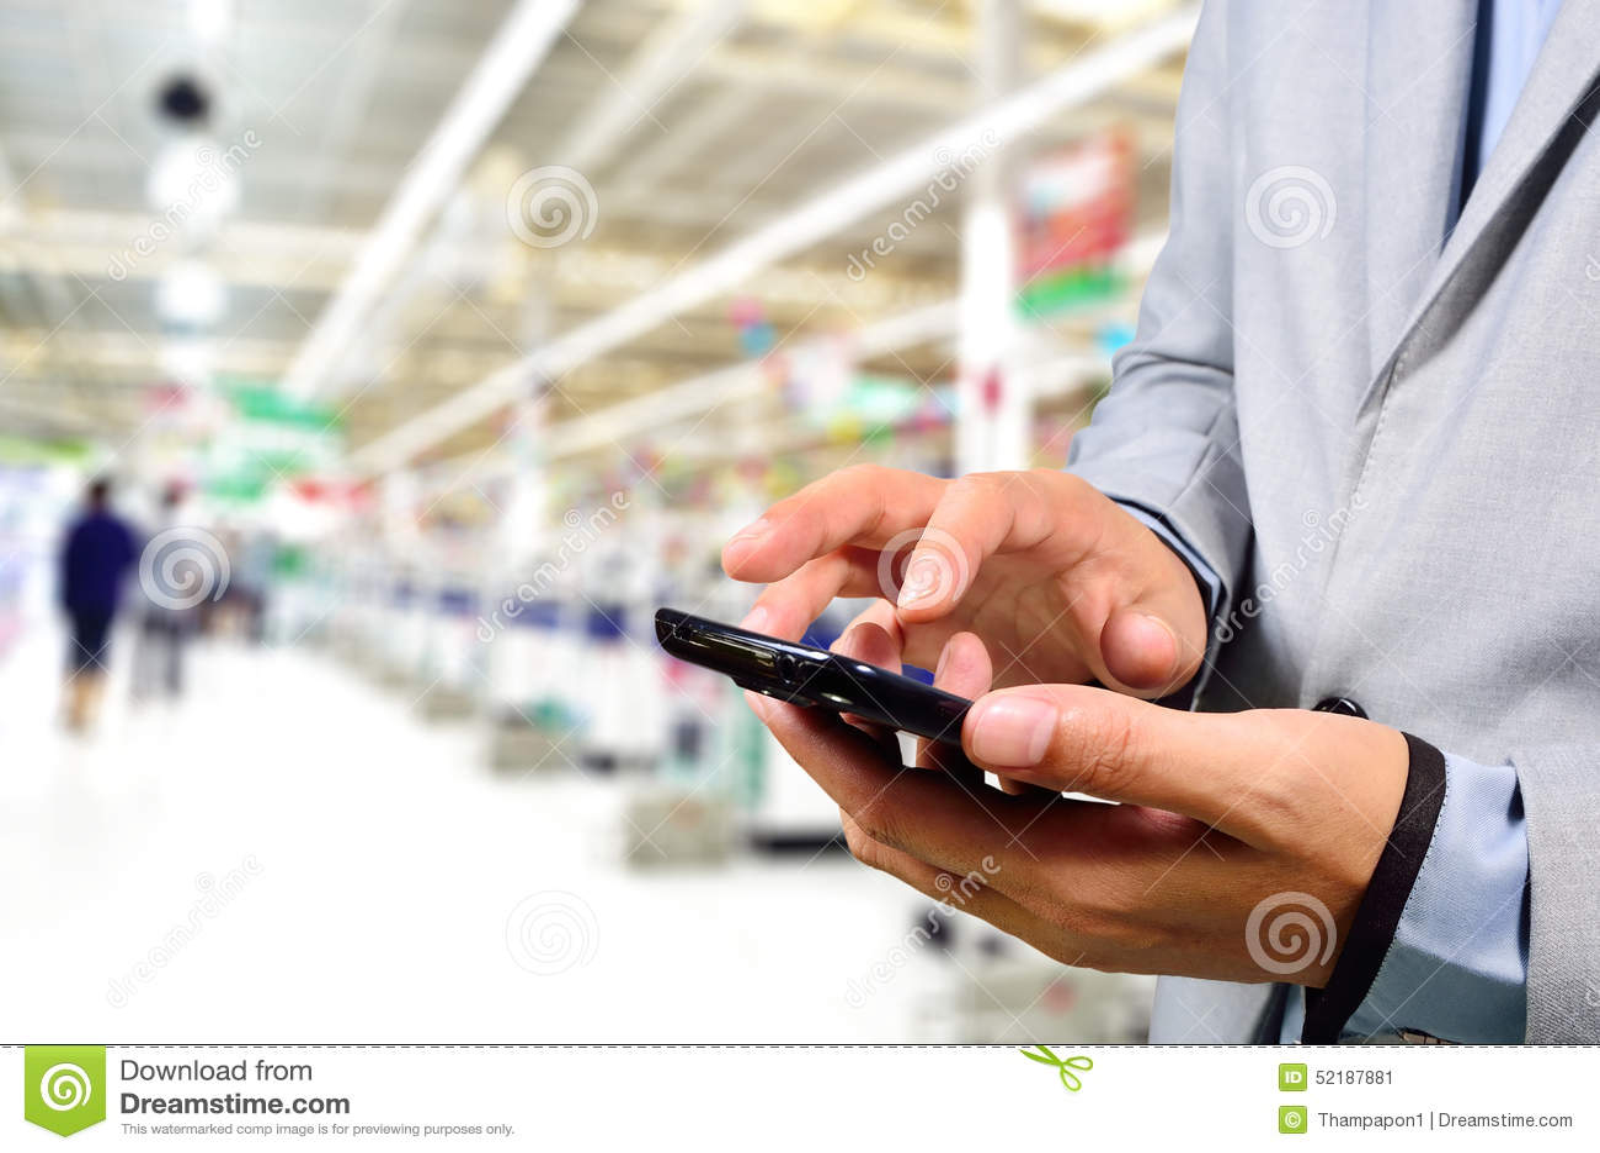 Бизнесмен используя мобильный телефон пока ходящ по магазинам в супермаркете